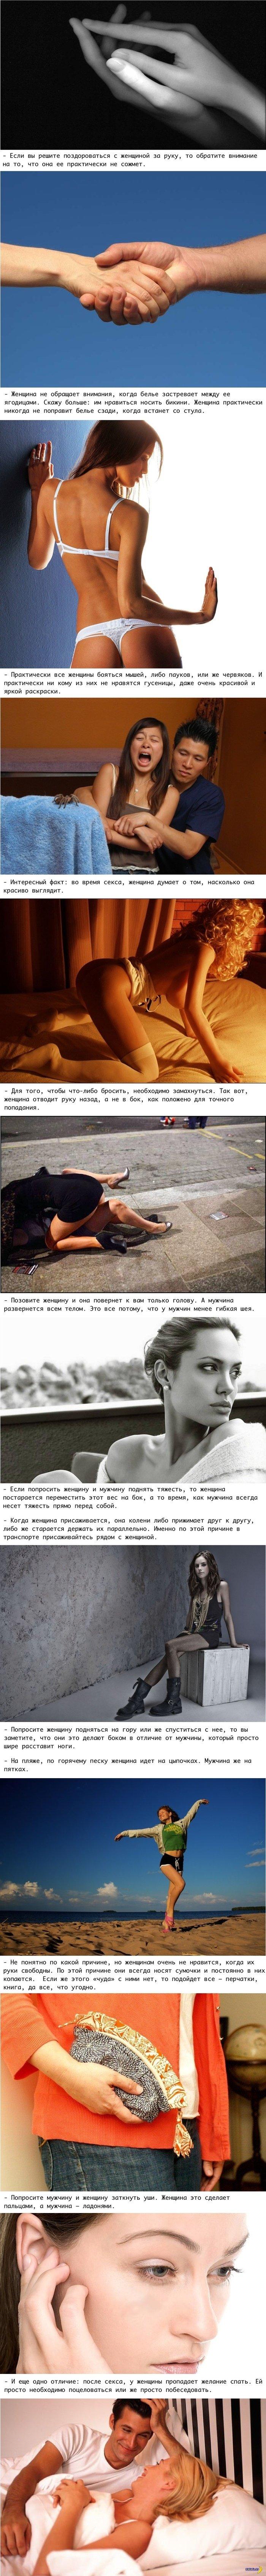 Женщины, это правда?